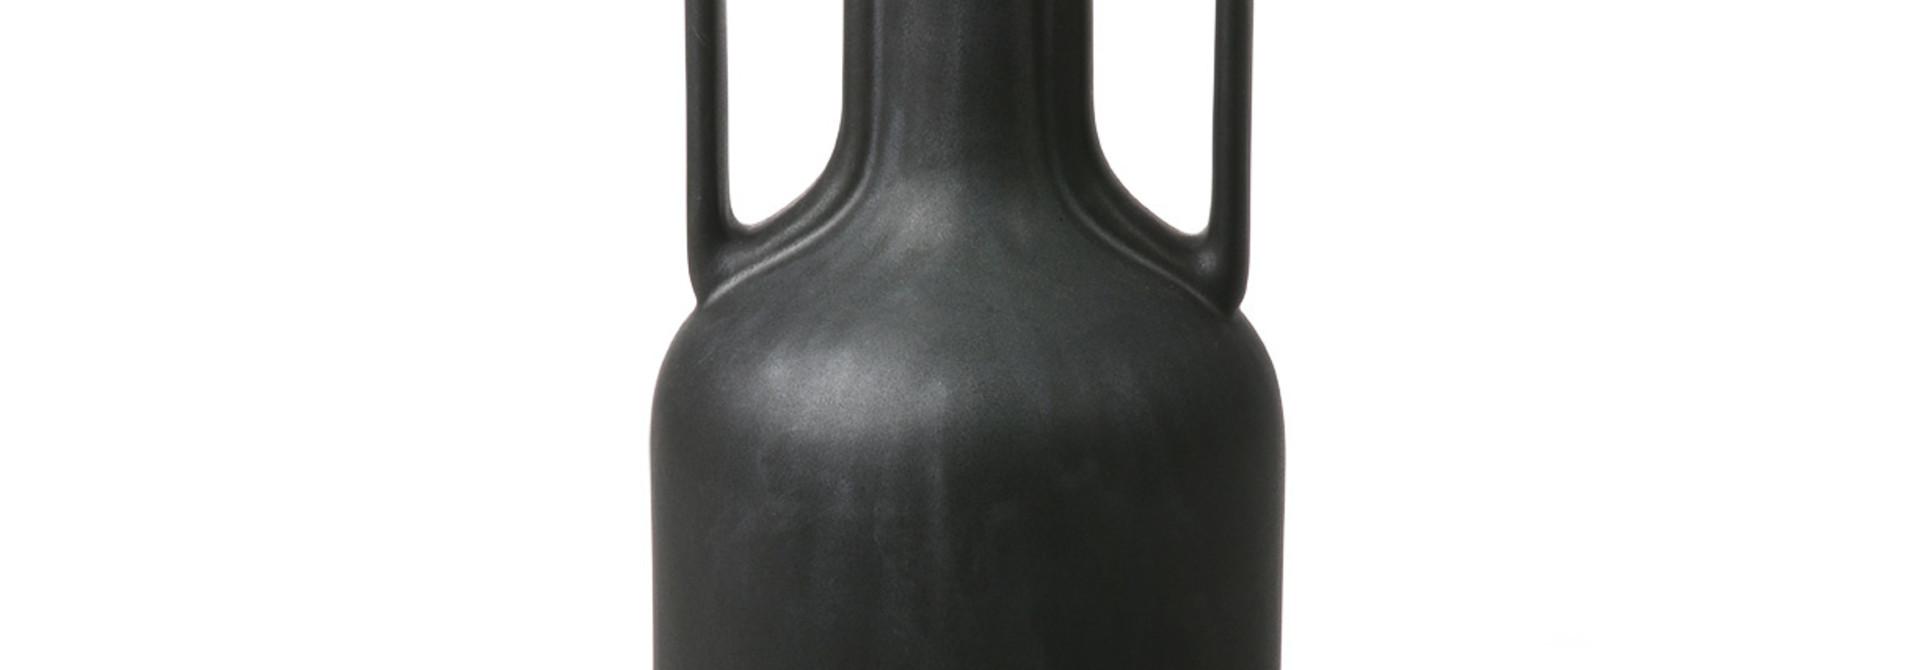 Keramische vaas - Zwart met handvaten